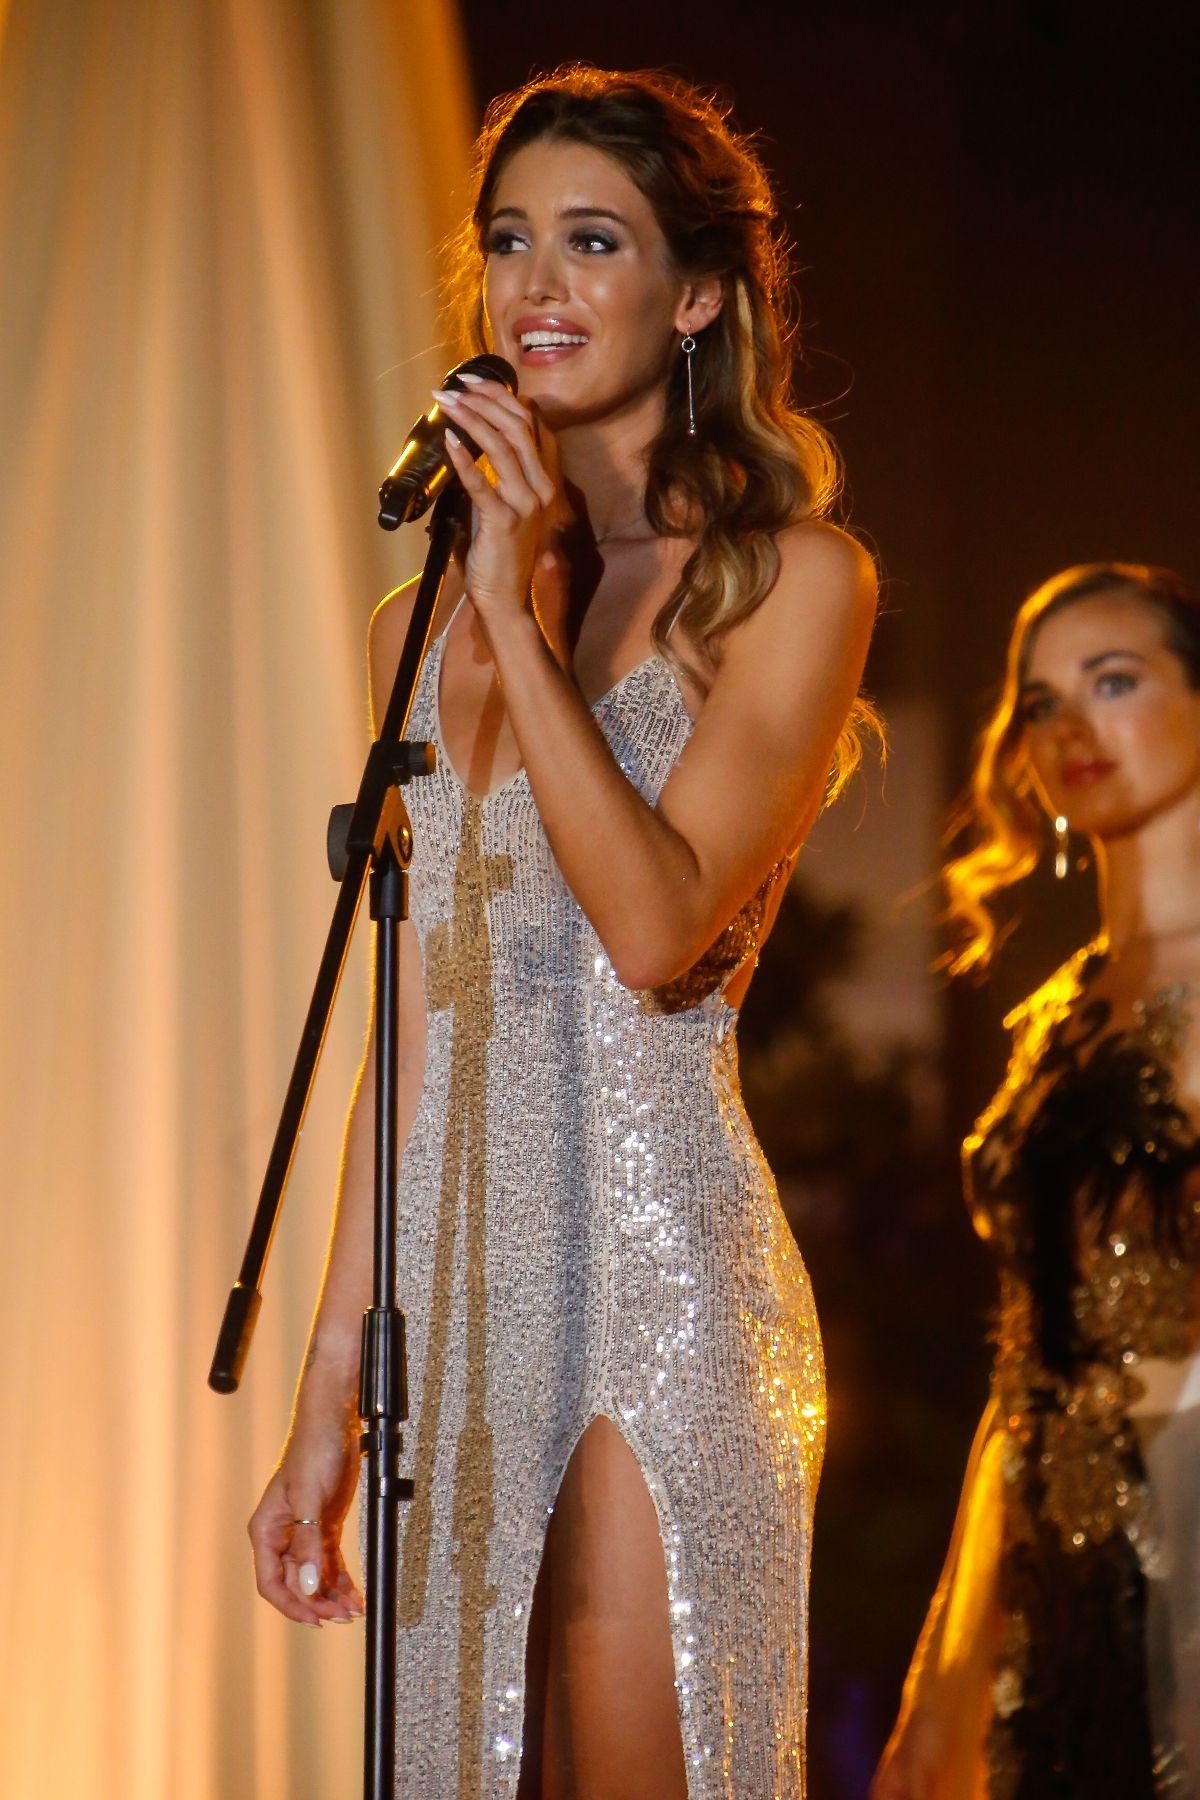 Marta López recibe el apoyo de su novio, Kiko Matamoros, tras su derrota en 'Miss World Spain'